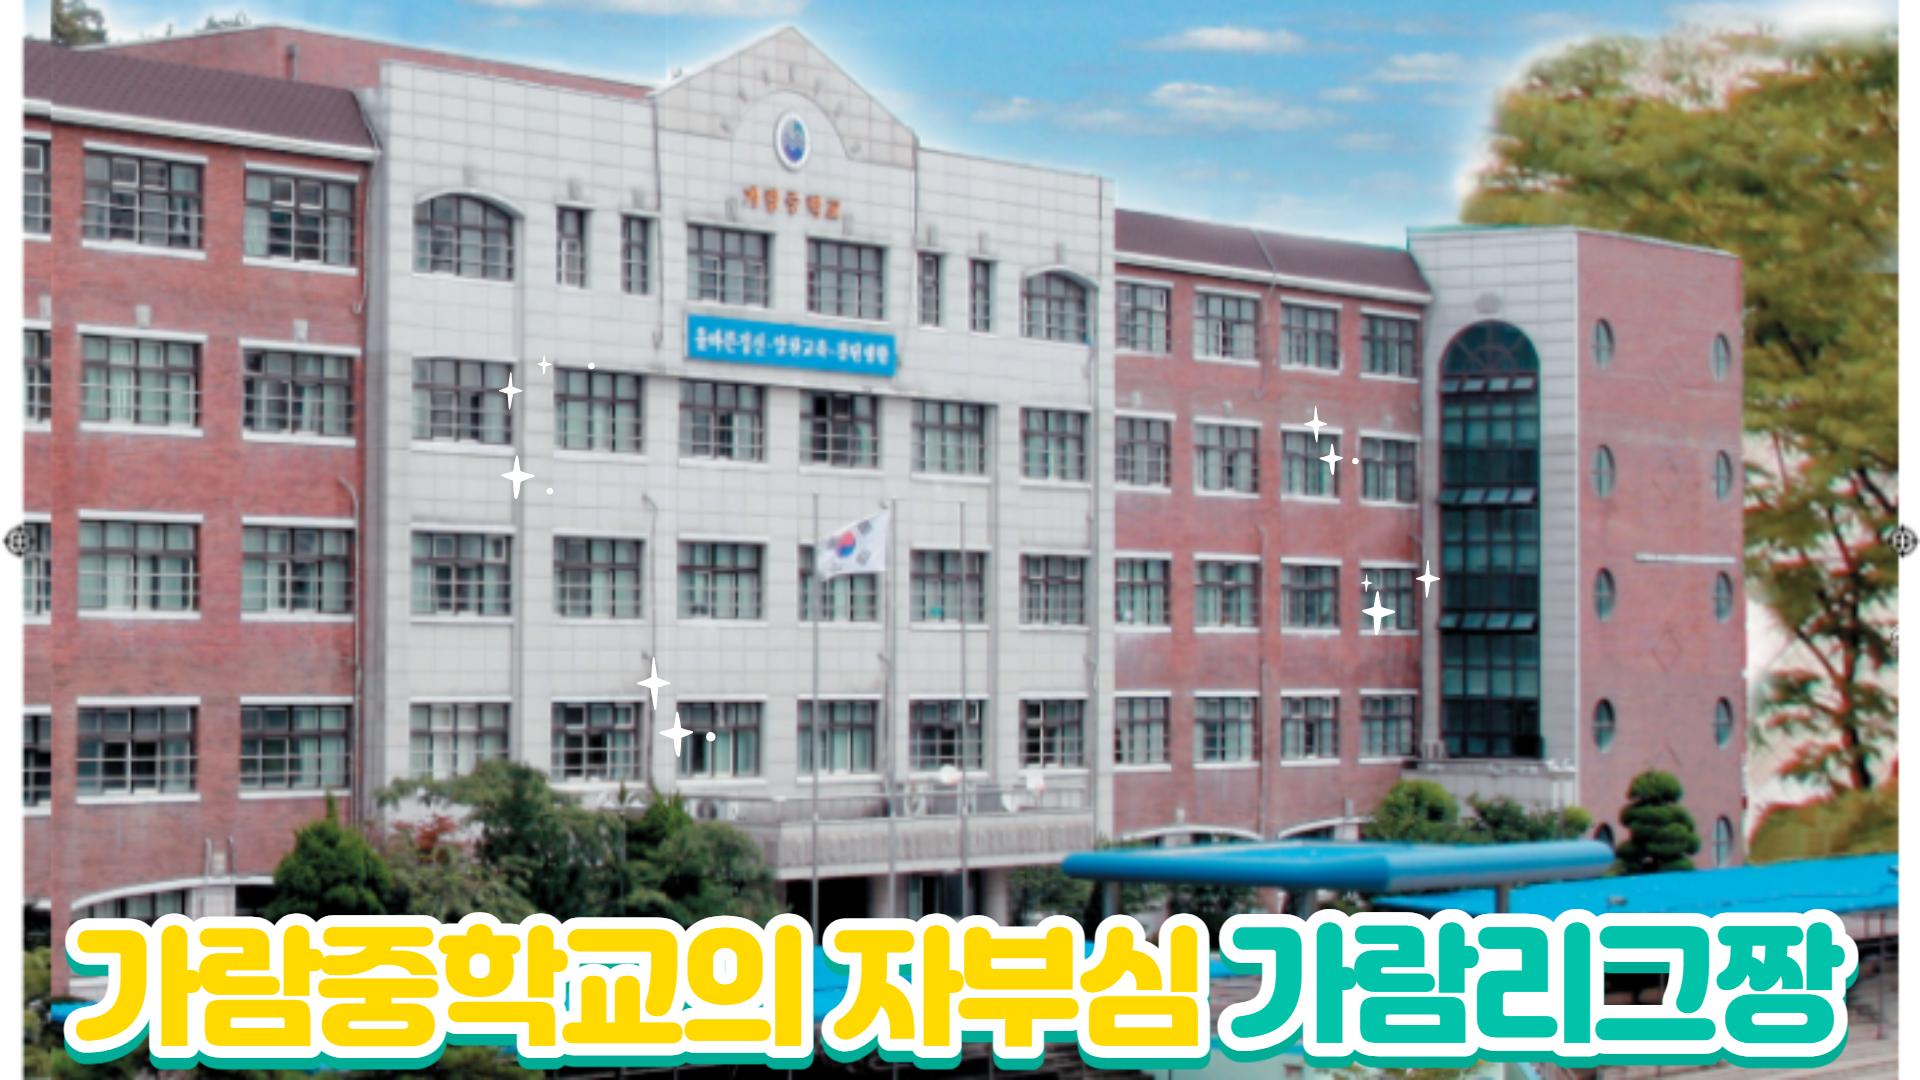 [일반] 2021 3학년 교과내스포츠클럽 가람리그 안내의 첨부이미지 9